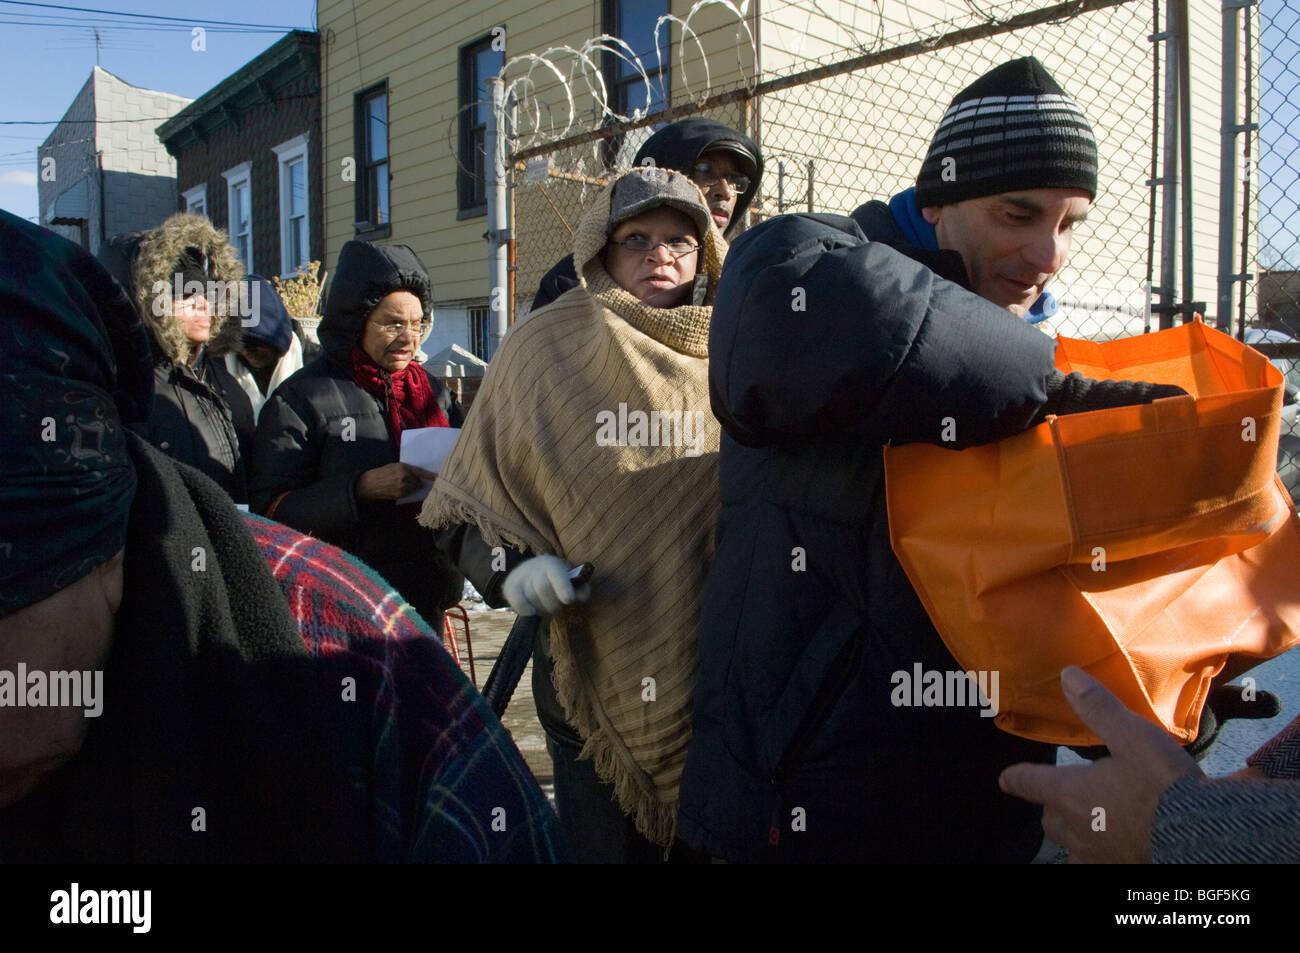 Famiglie a basso reddito ricevono i tacchini donati da fresche direttamente al Pane della vita dispensa alimentare Immagini Stock